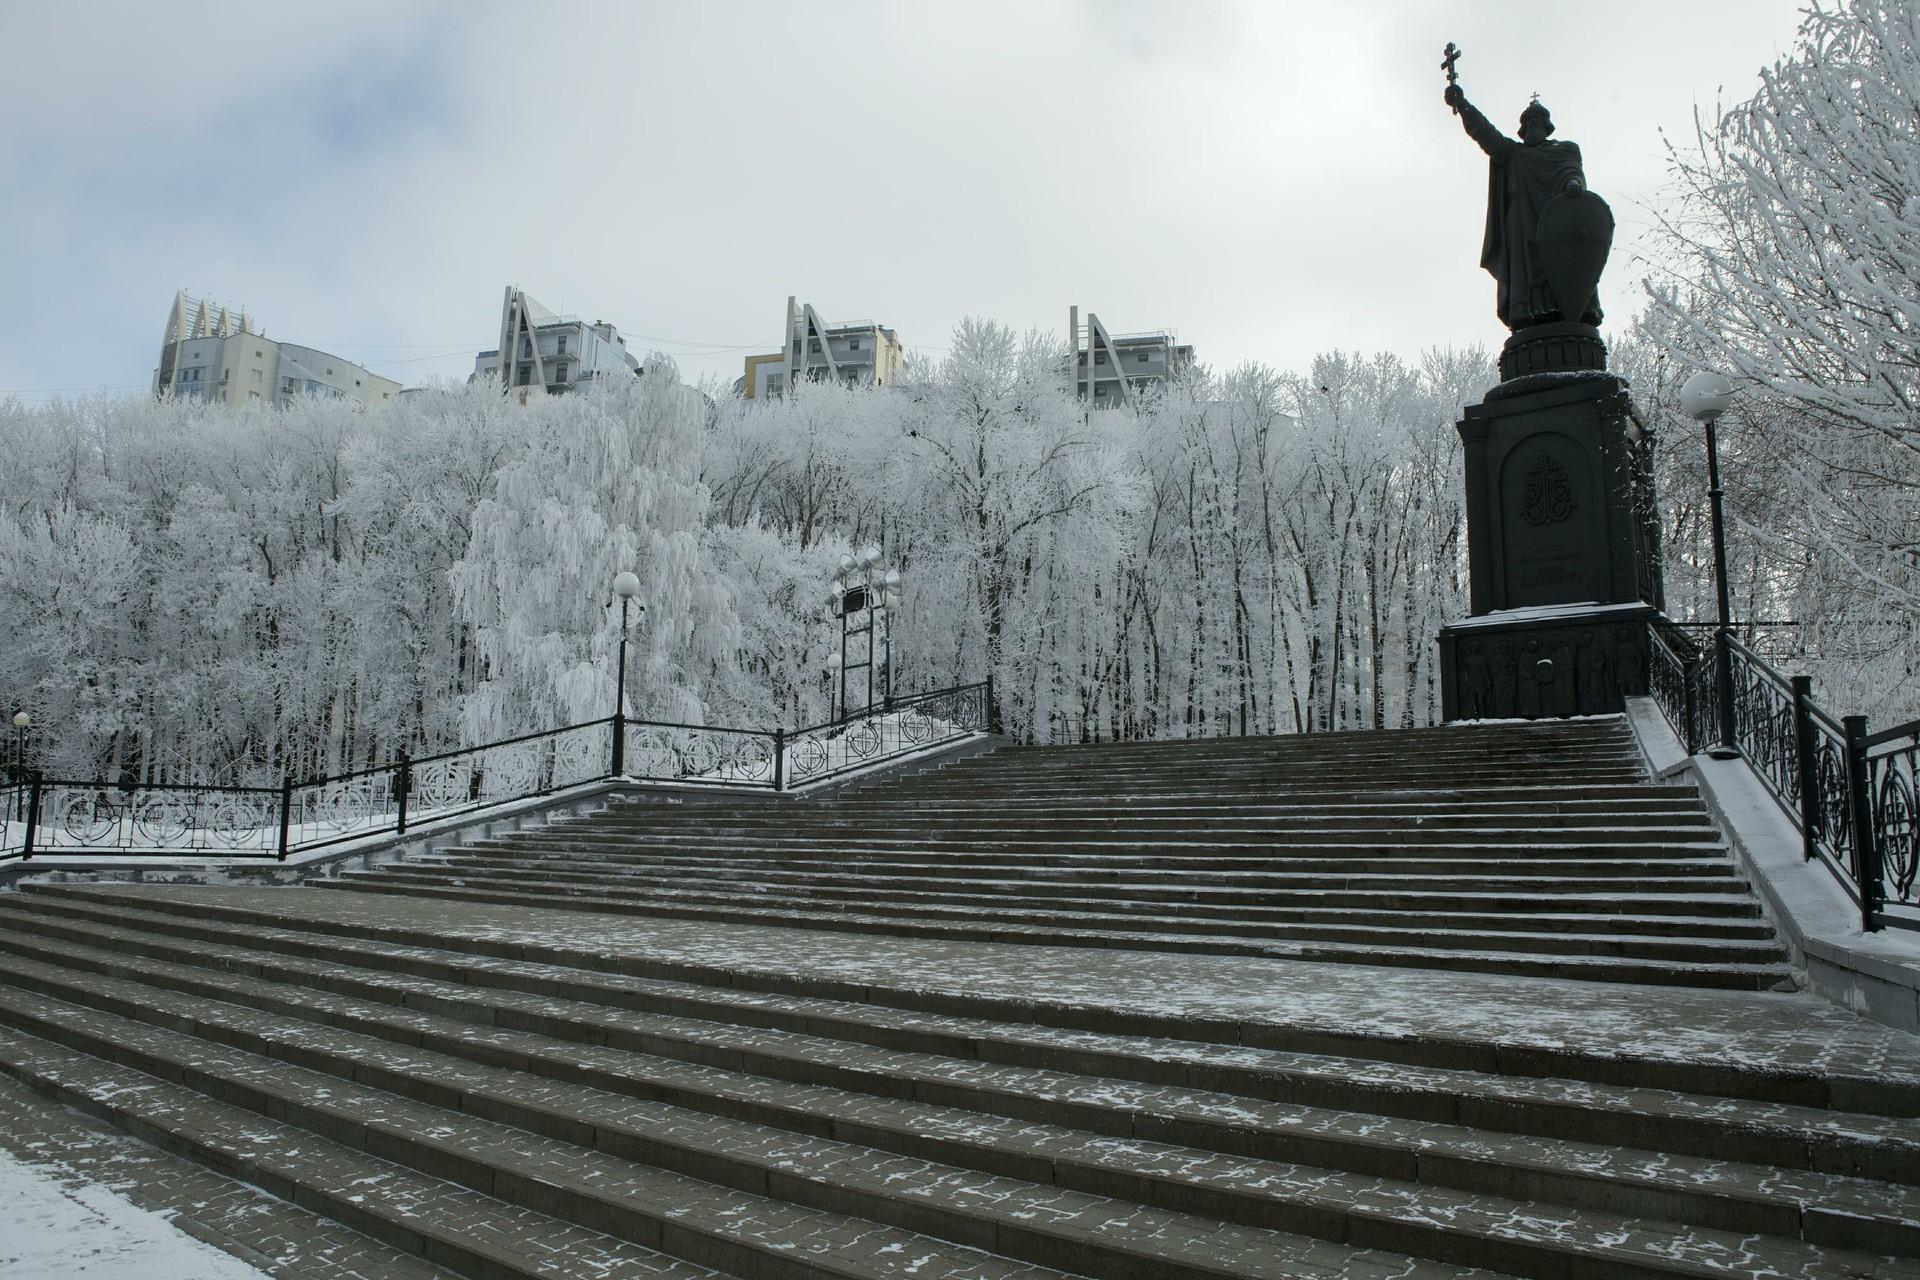 Zima v Belgorodu tudi za Slovence ni prehuda. Na sliki: Spomenik kneza Vladimirja.